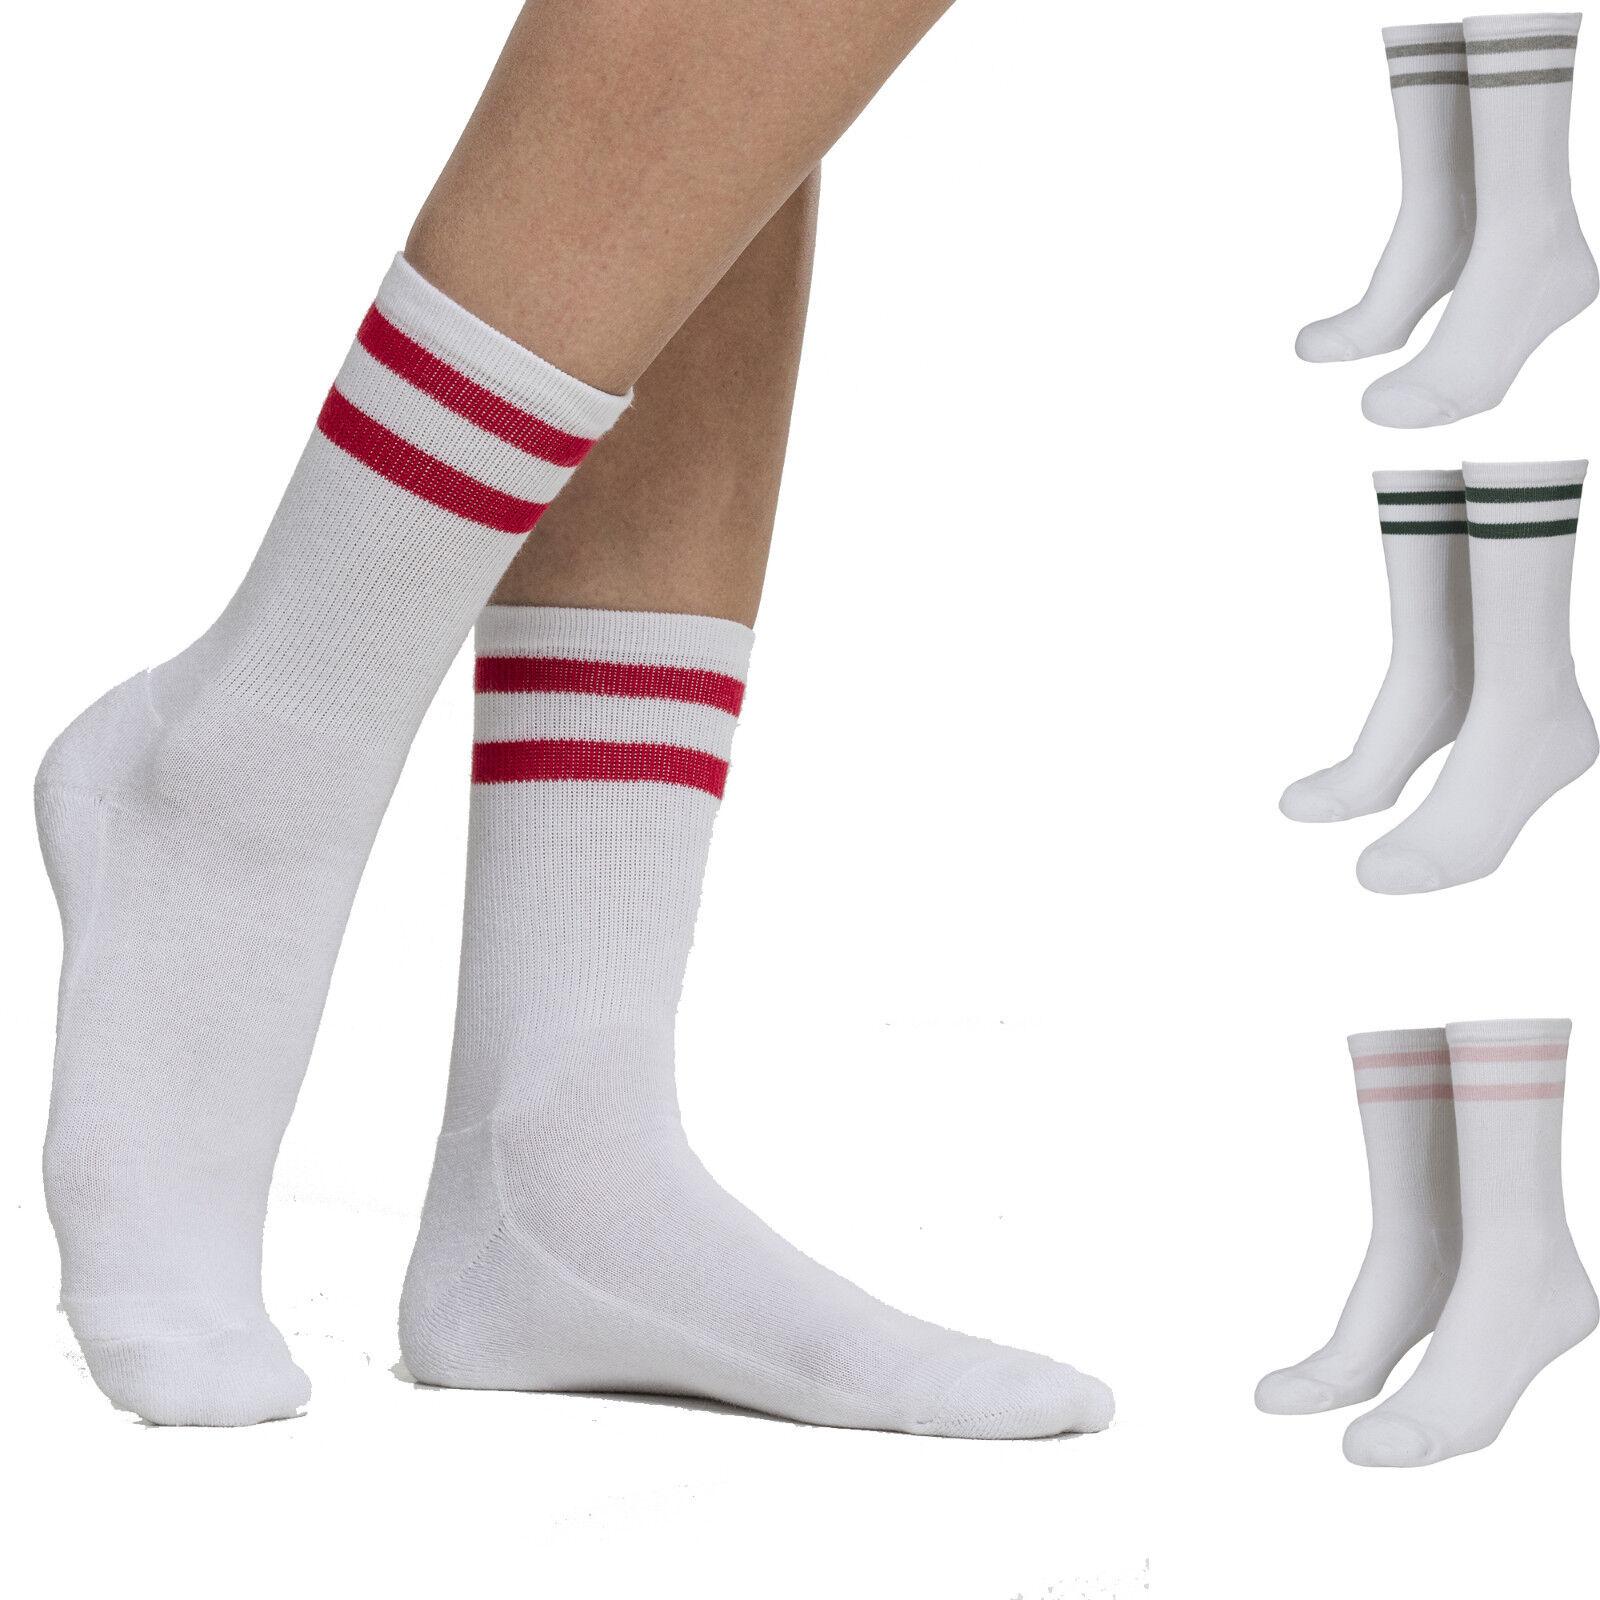 2 Paar Urban Classics 2-Stripes Socken Retro Gr. 35-50 Freizeit Tennis Streifen